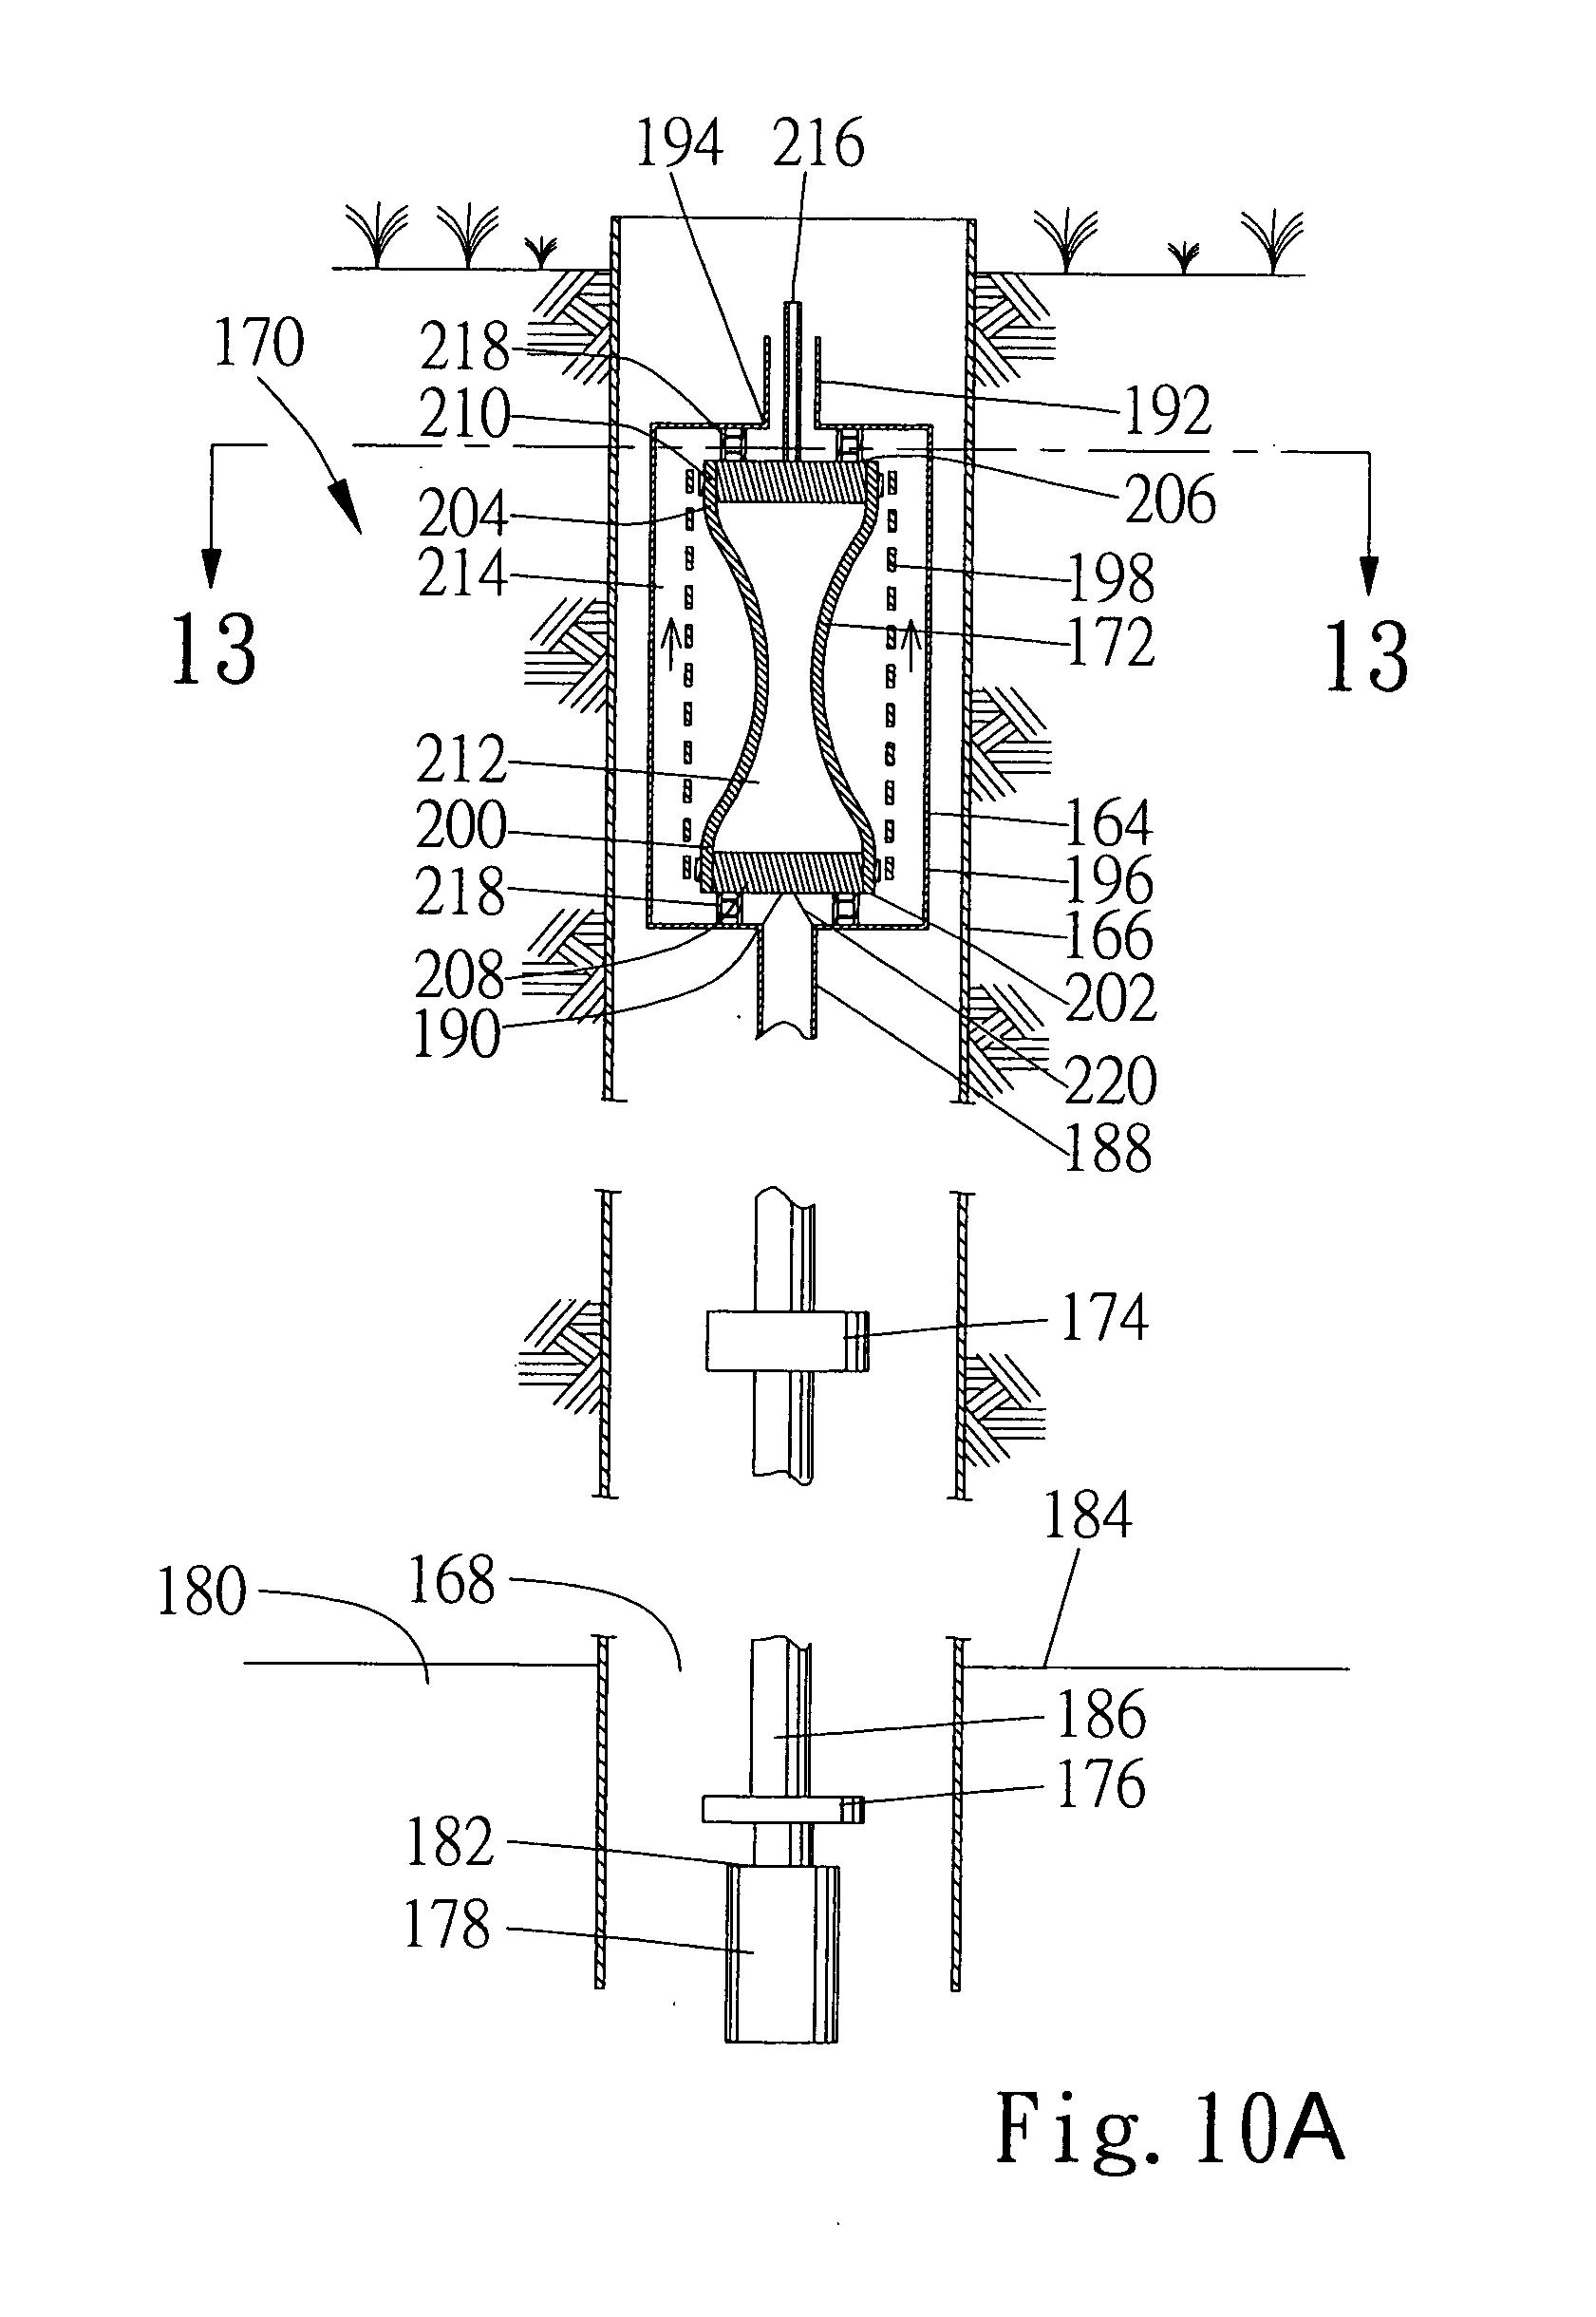 Furna Pressure Switch Wiring Diagram